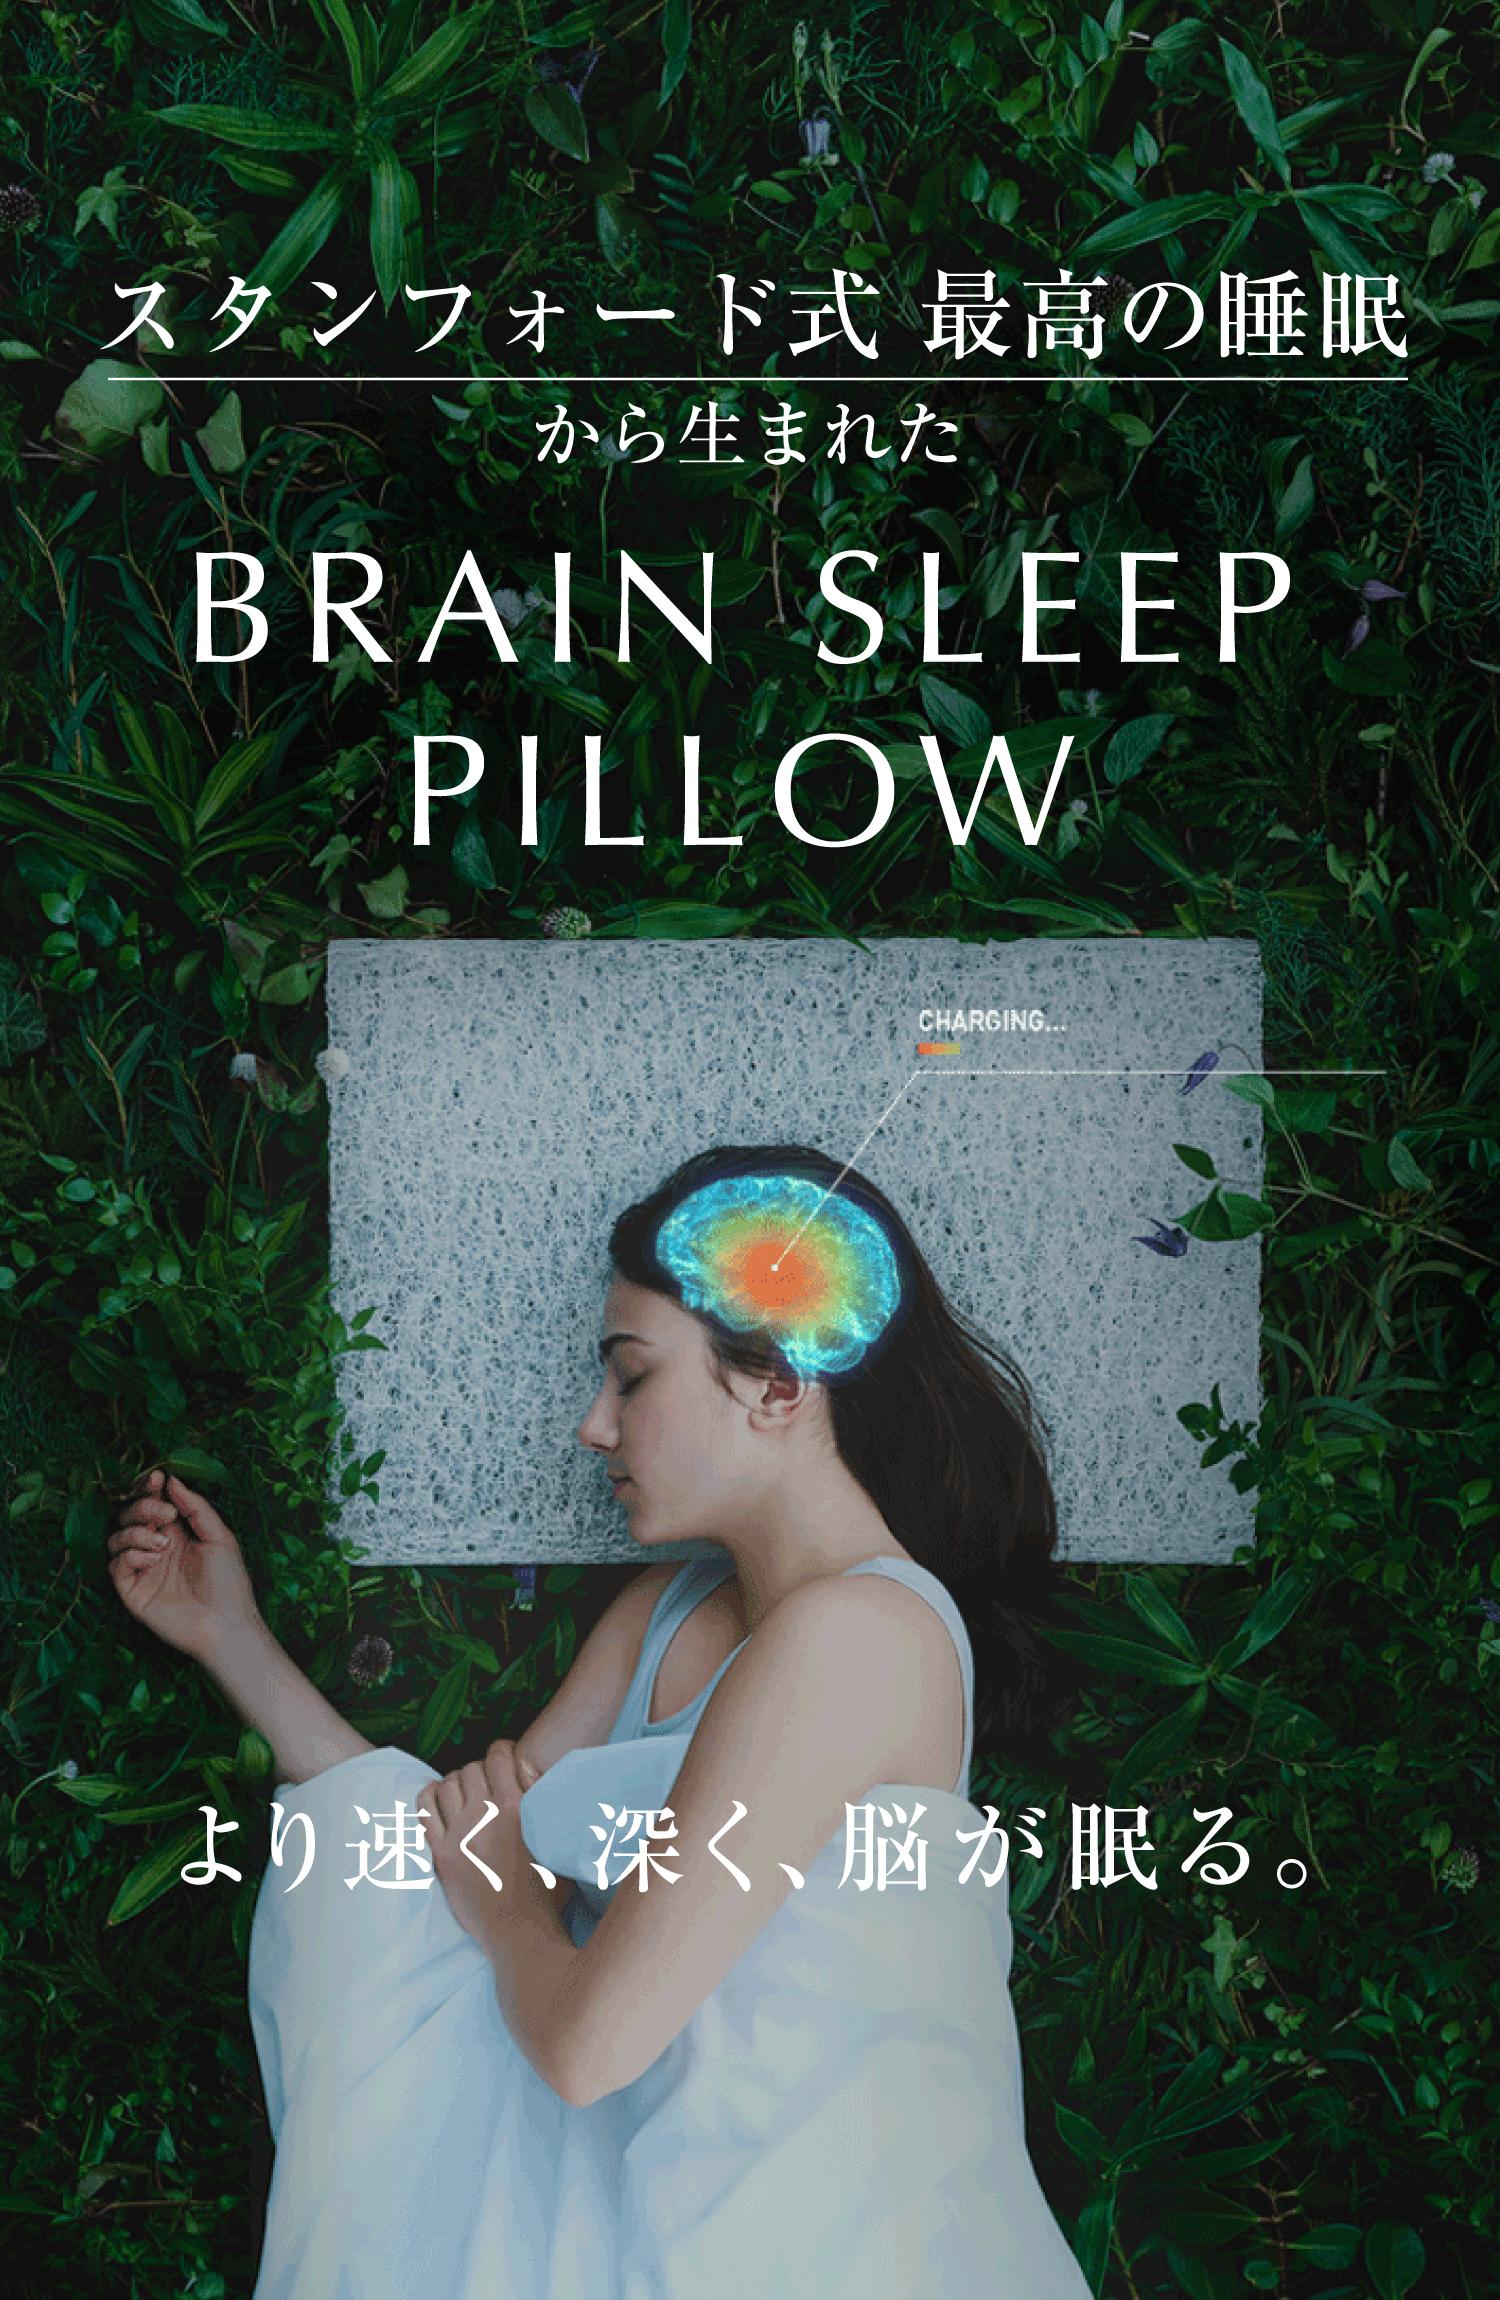 より速く、深く、脳が眠る